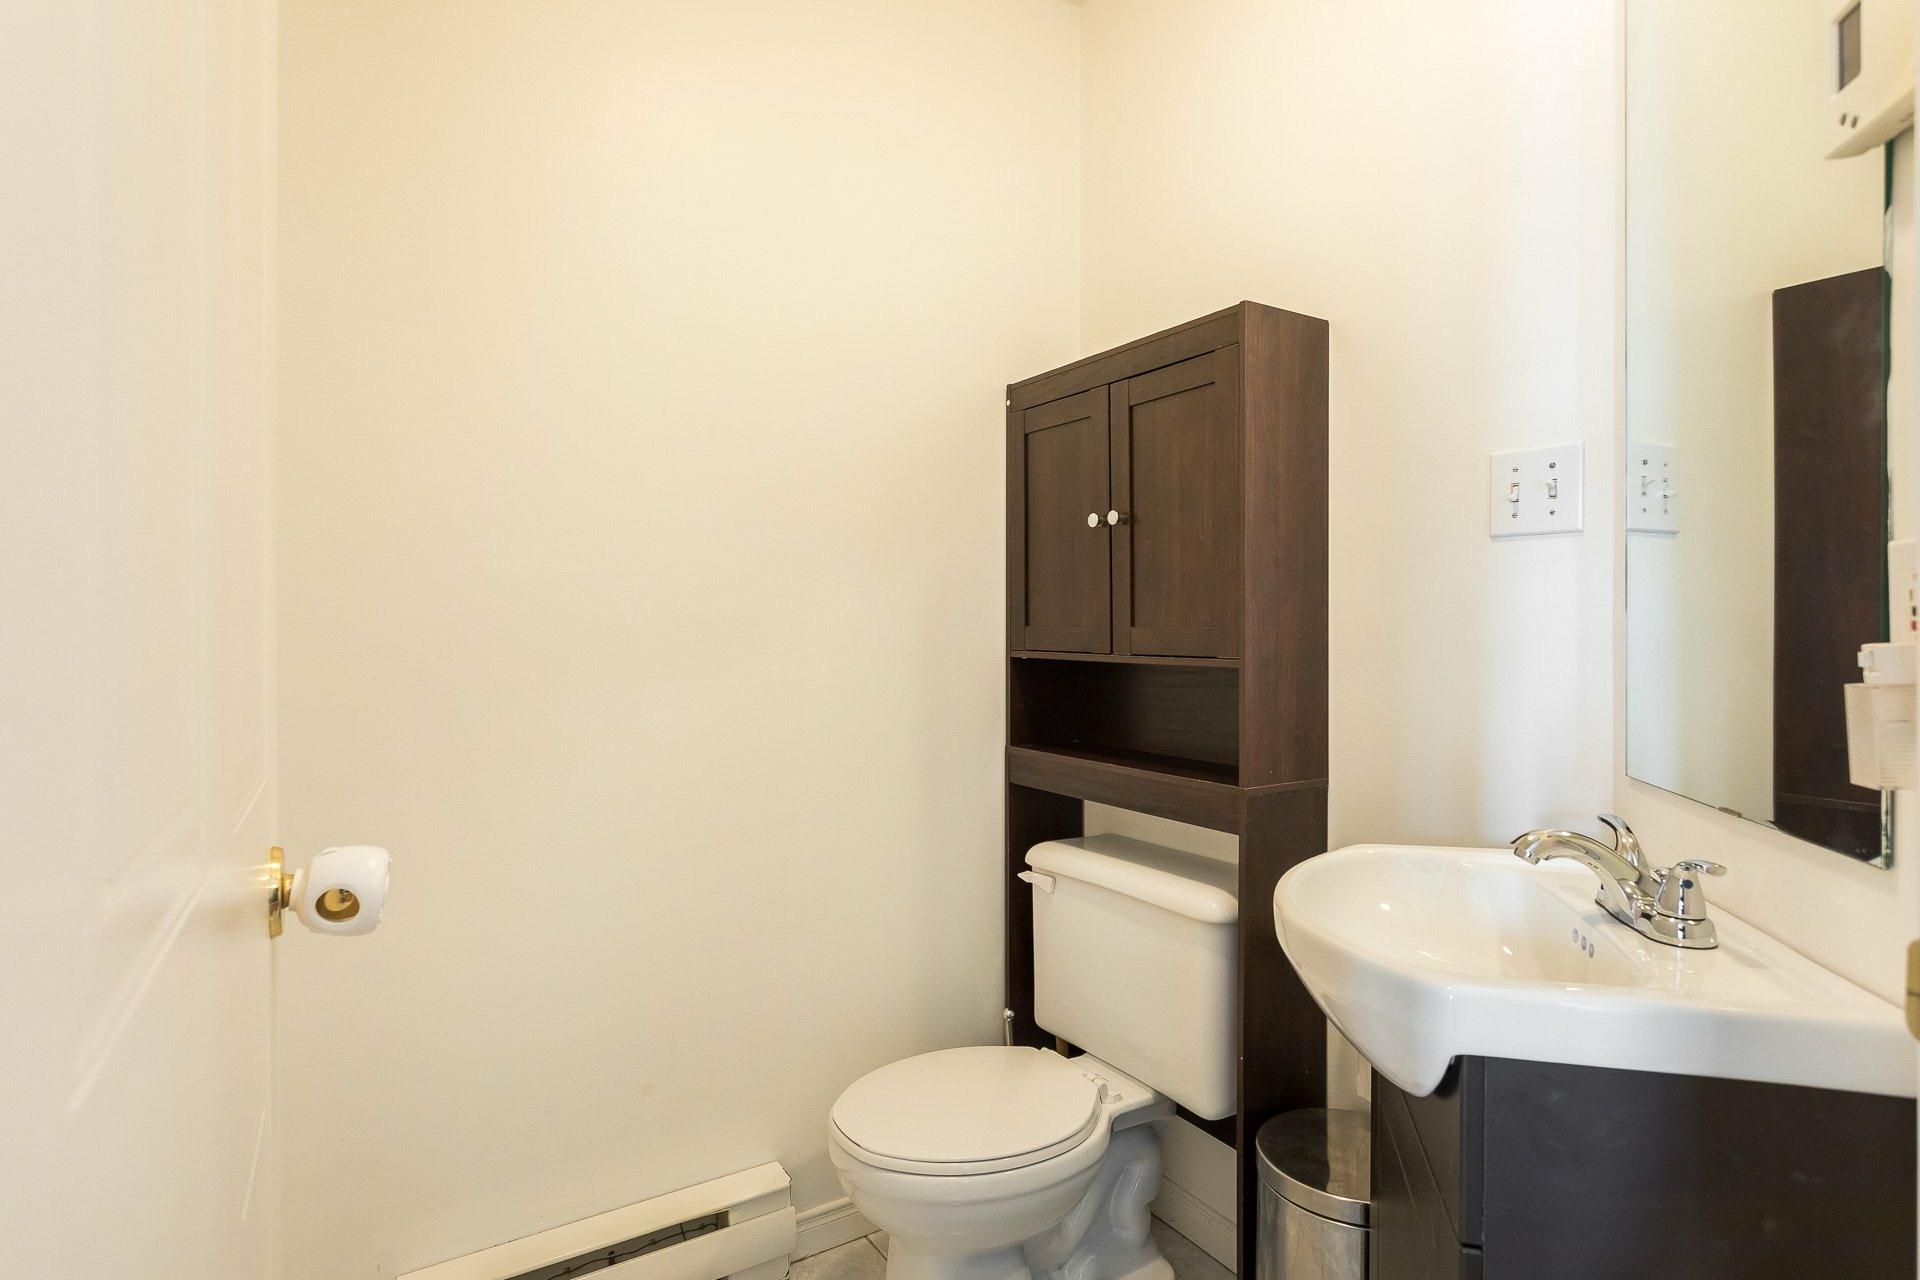 image 5 - House For sale Rivière-des-Prairies/Pointe-aux-Trembles Montréal  - 9 rooms